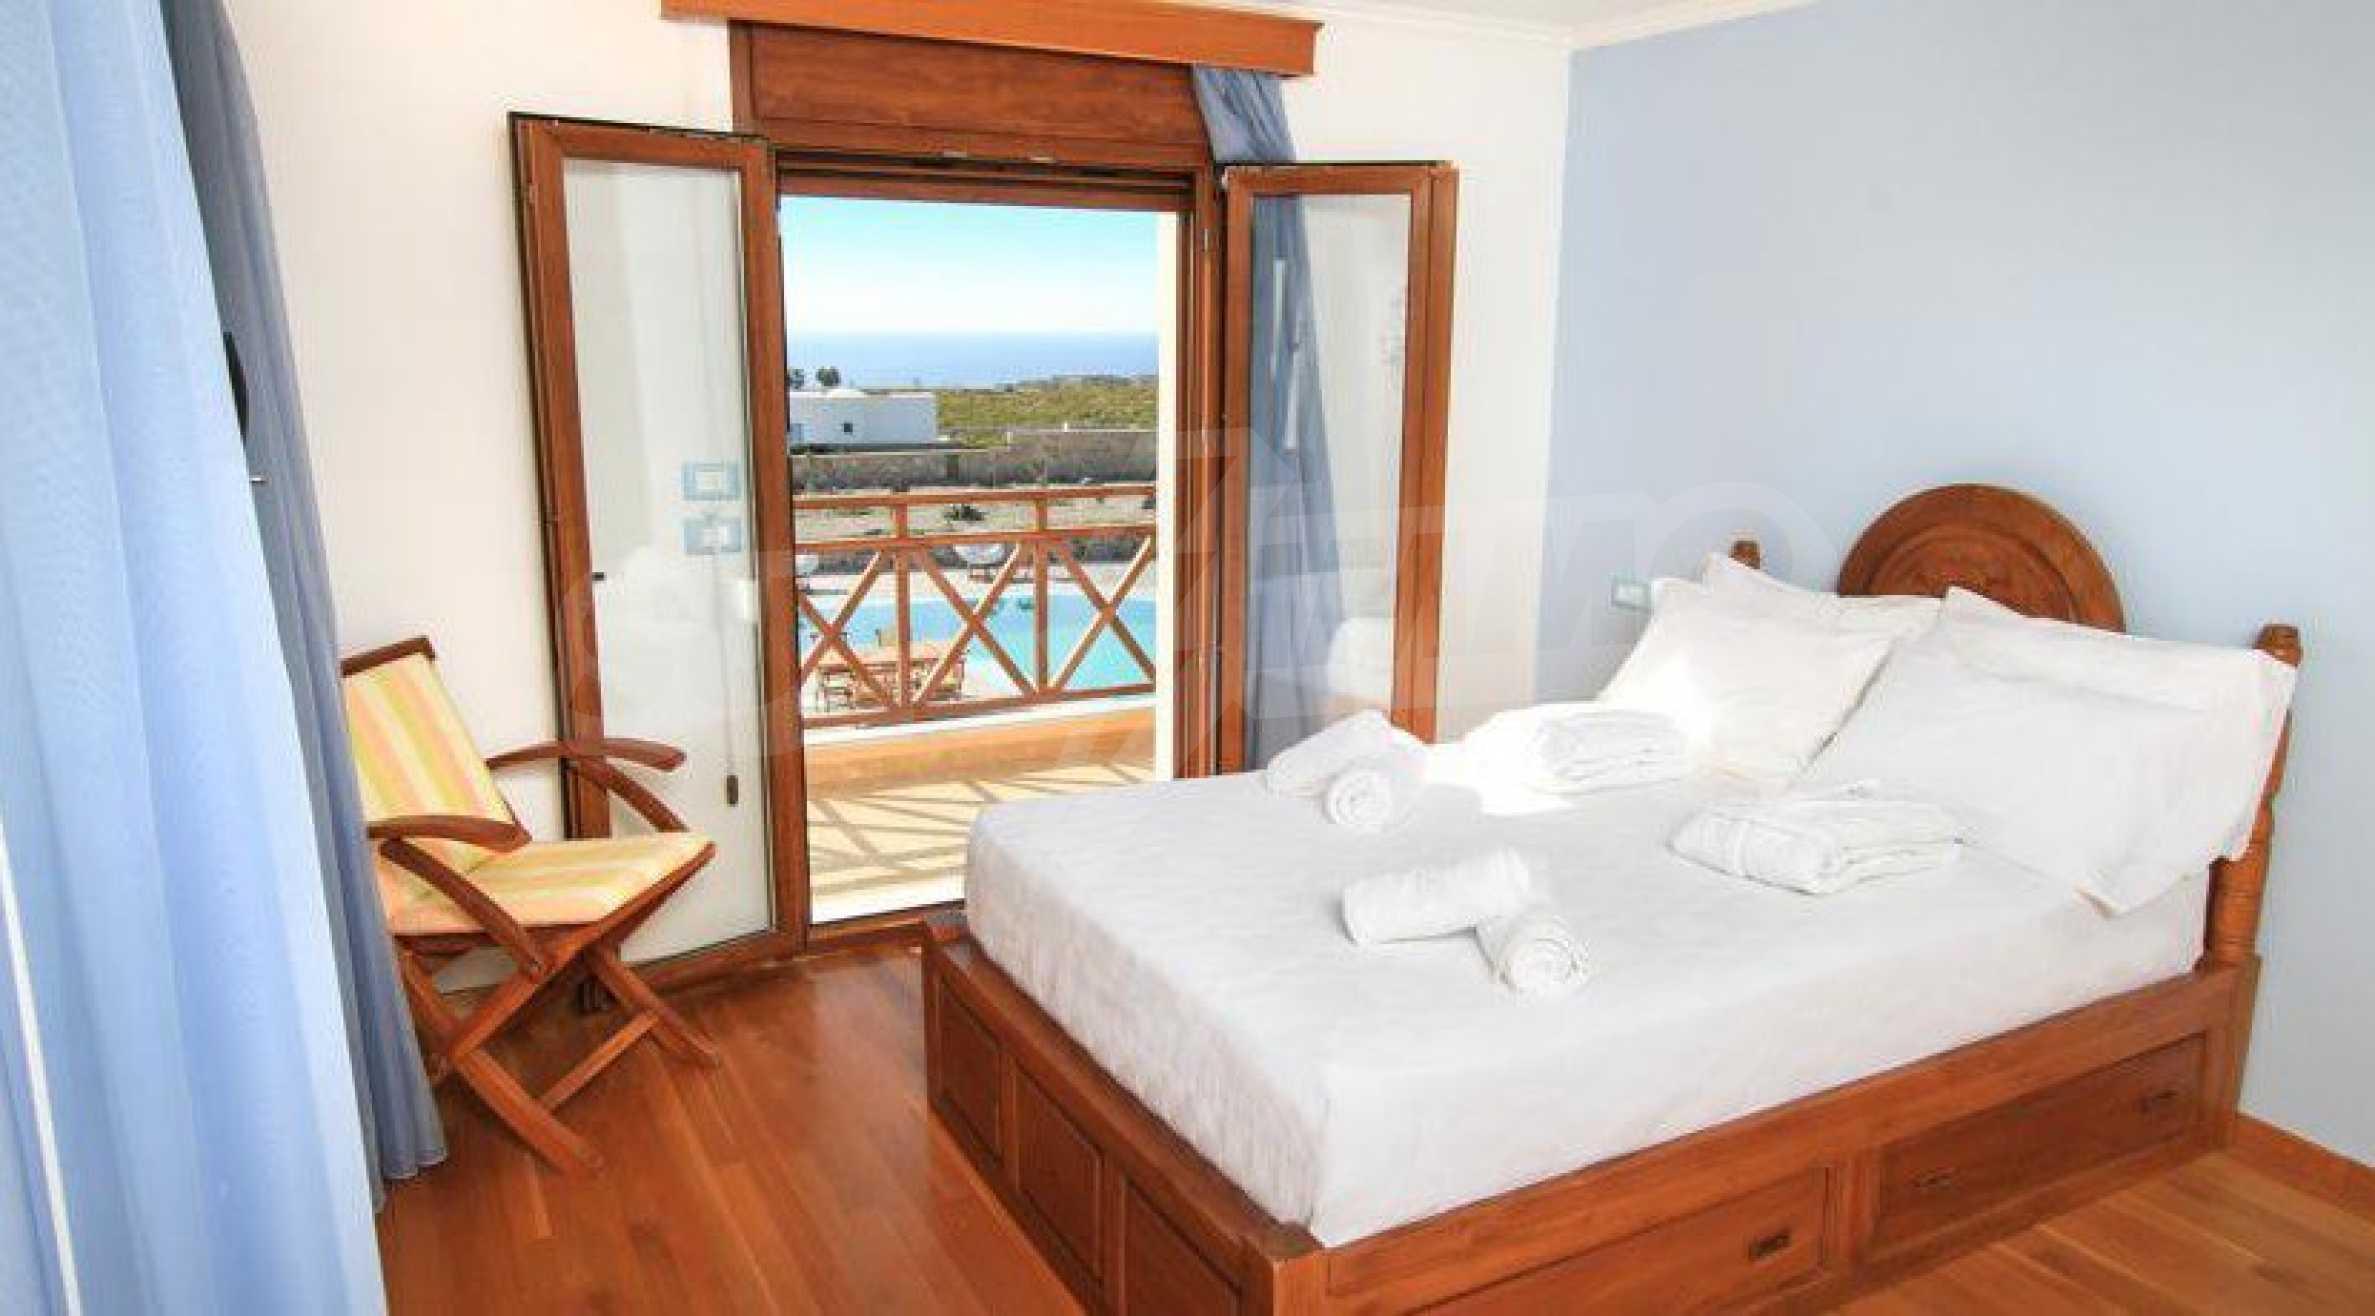 Двуетажна резиденция с открит басейн и изглед към Егейско 12